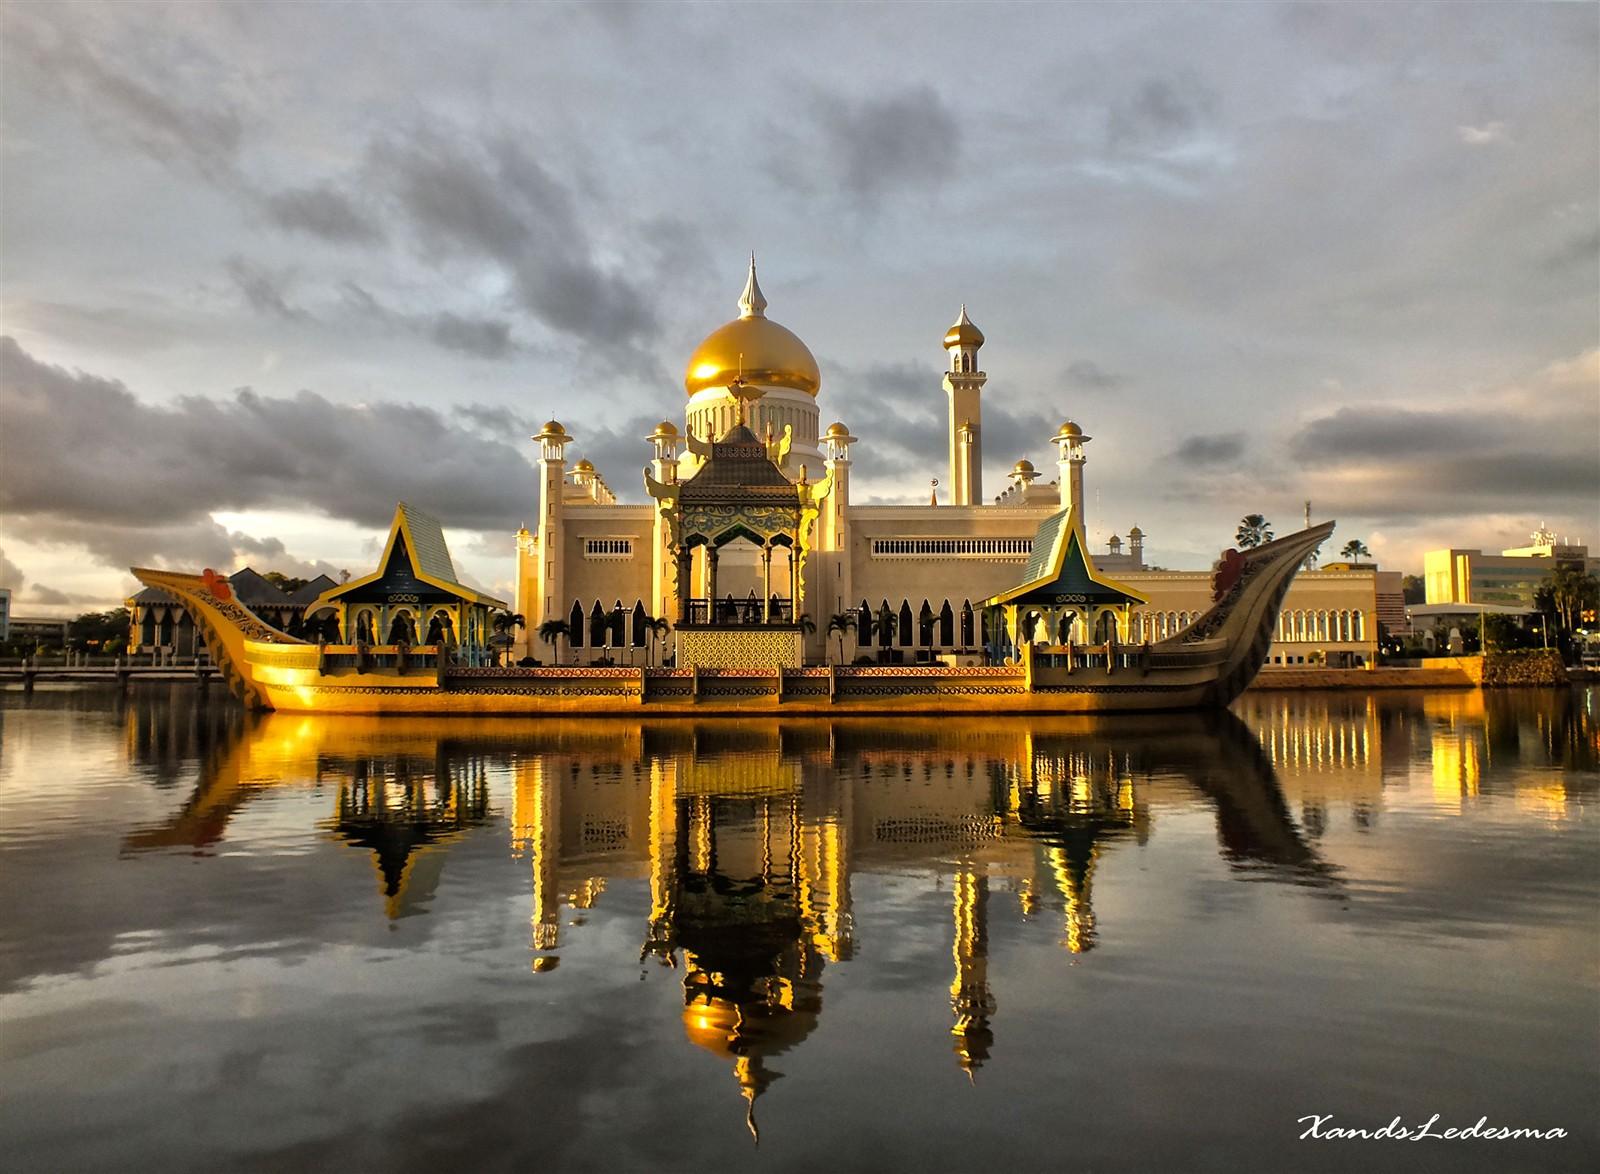 Sultan Omar Ali Saifuddin Mosque, The Most Beautiful Mosque in.